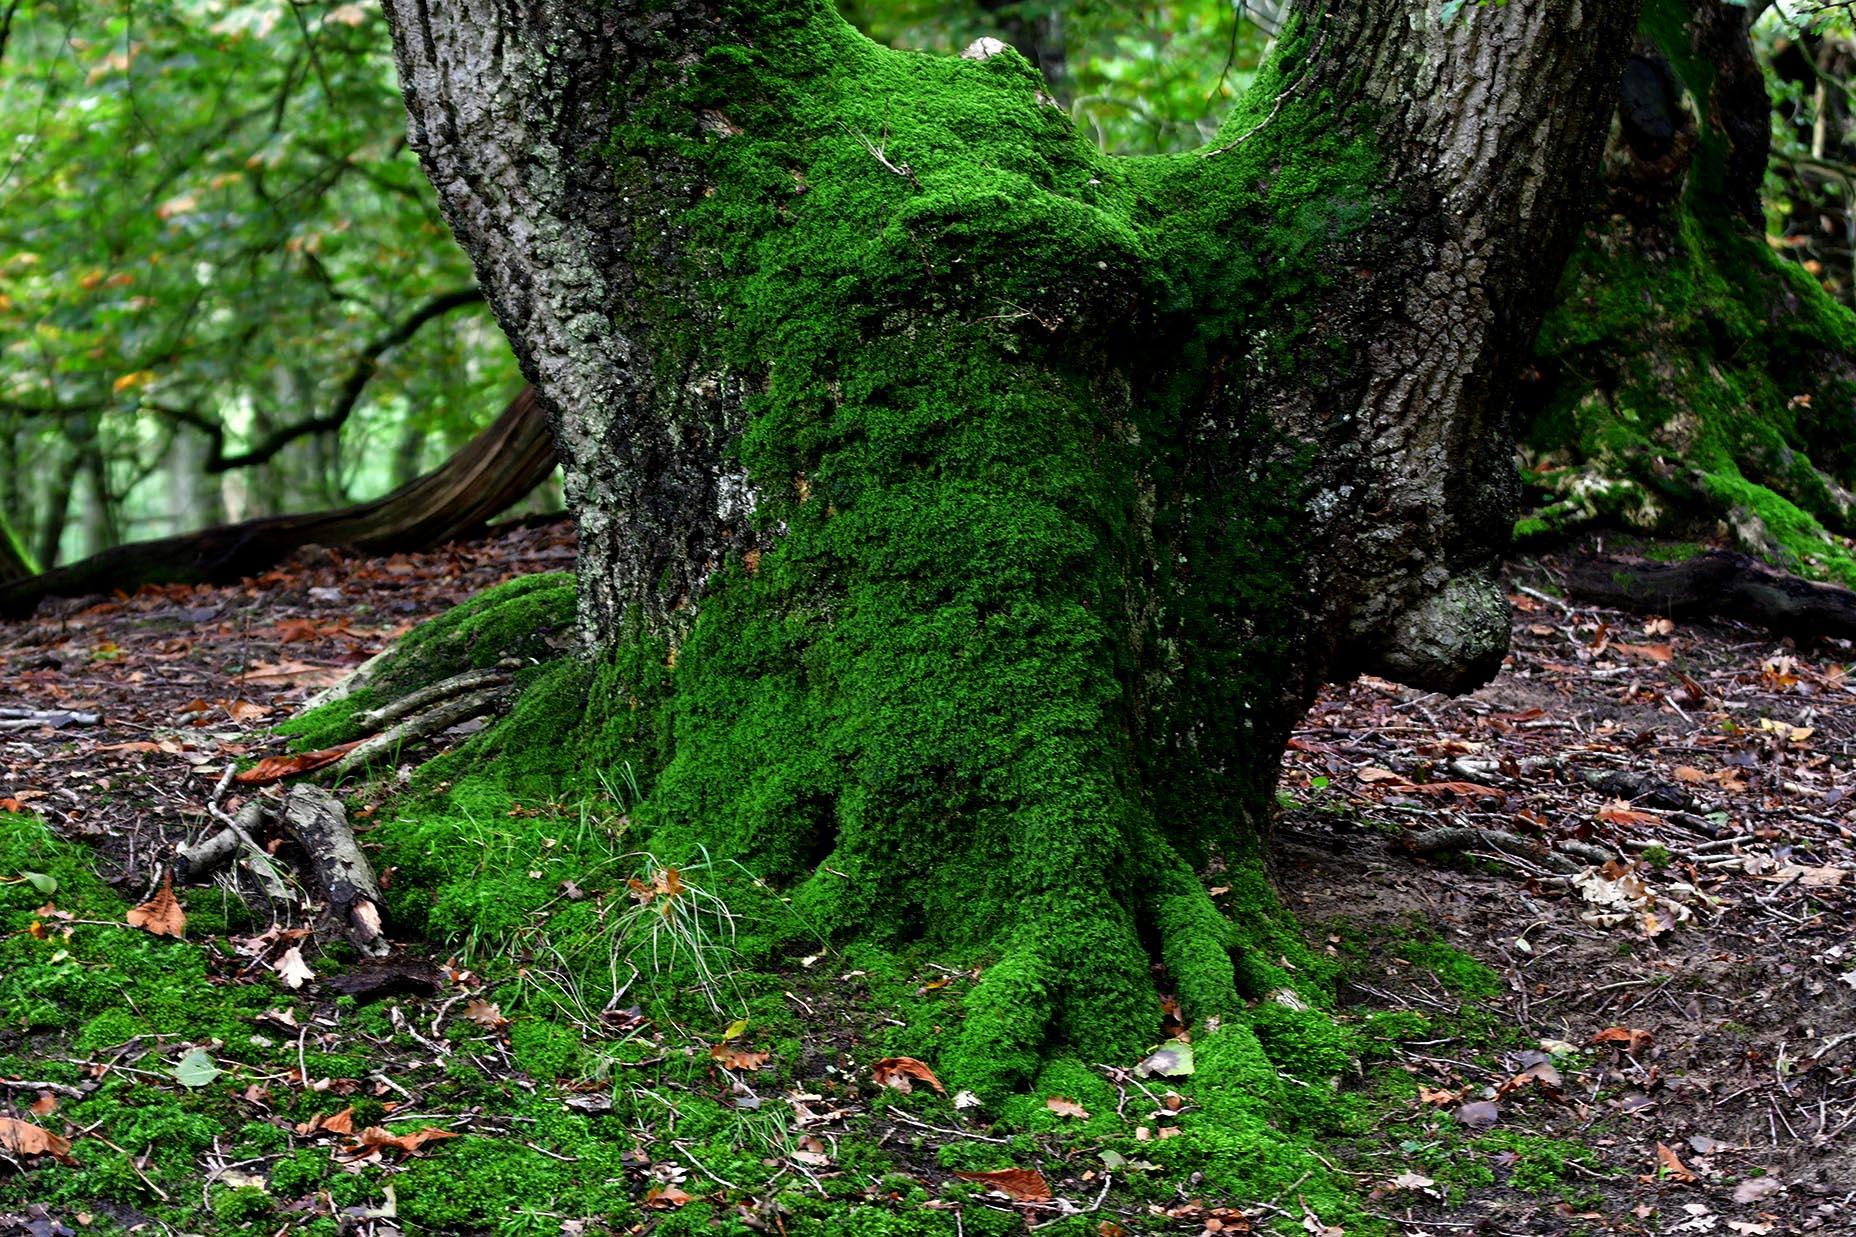 De voet van een prachtige oude- en bemoste eikenboom - Foto: ©Louis Fraanje